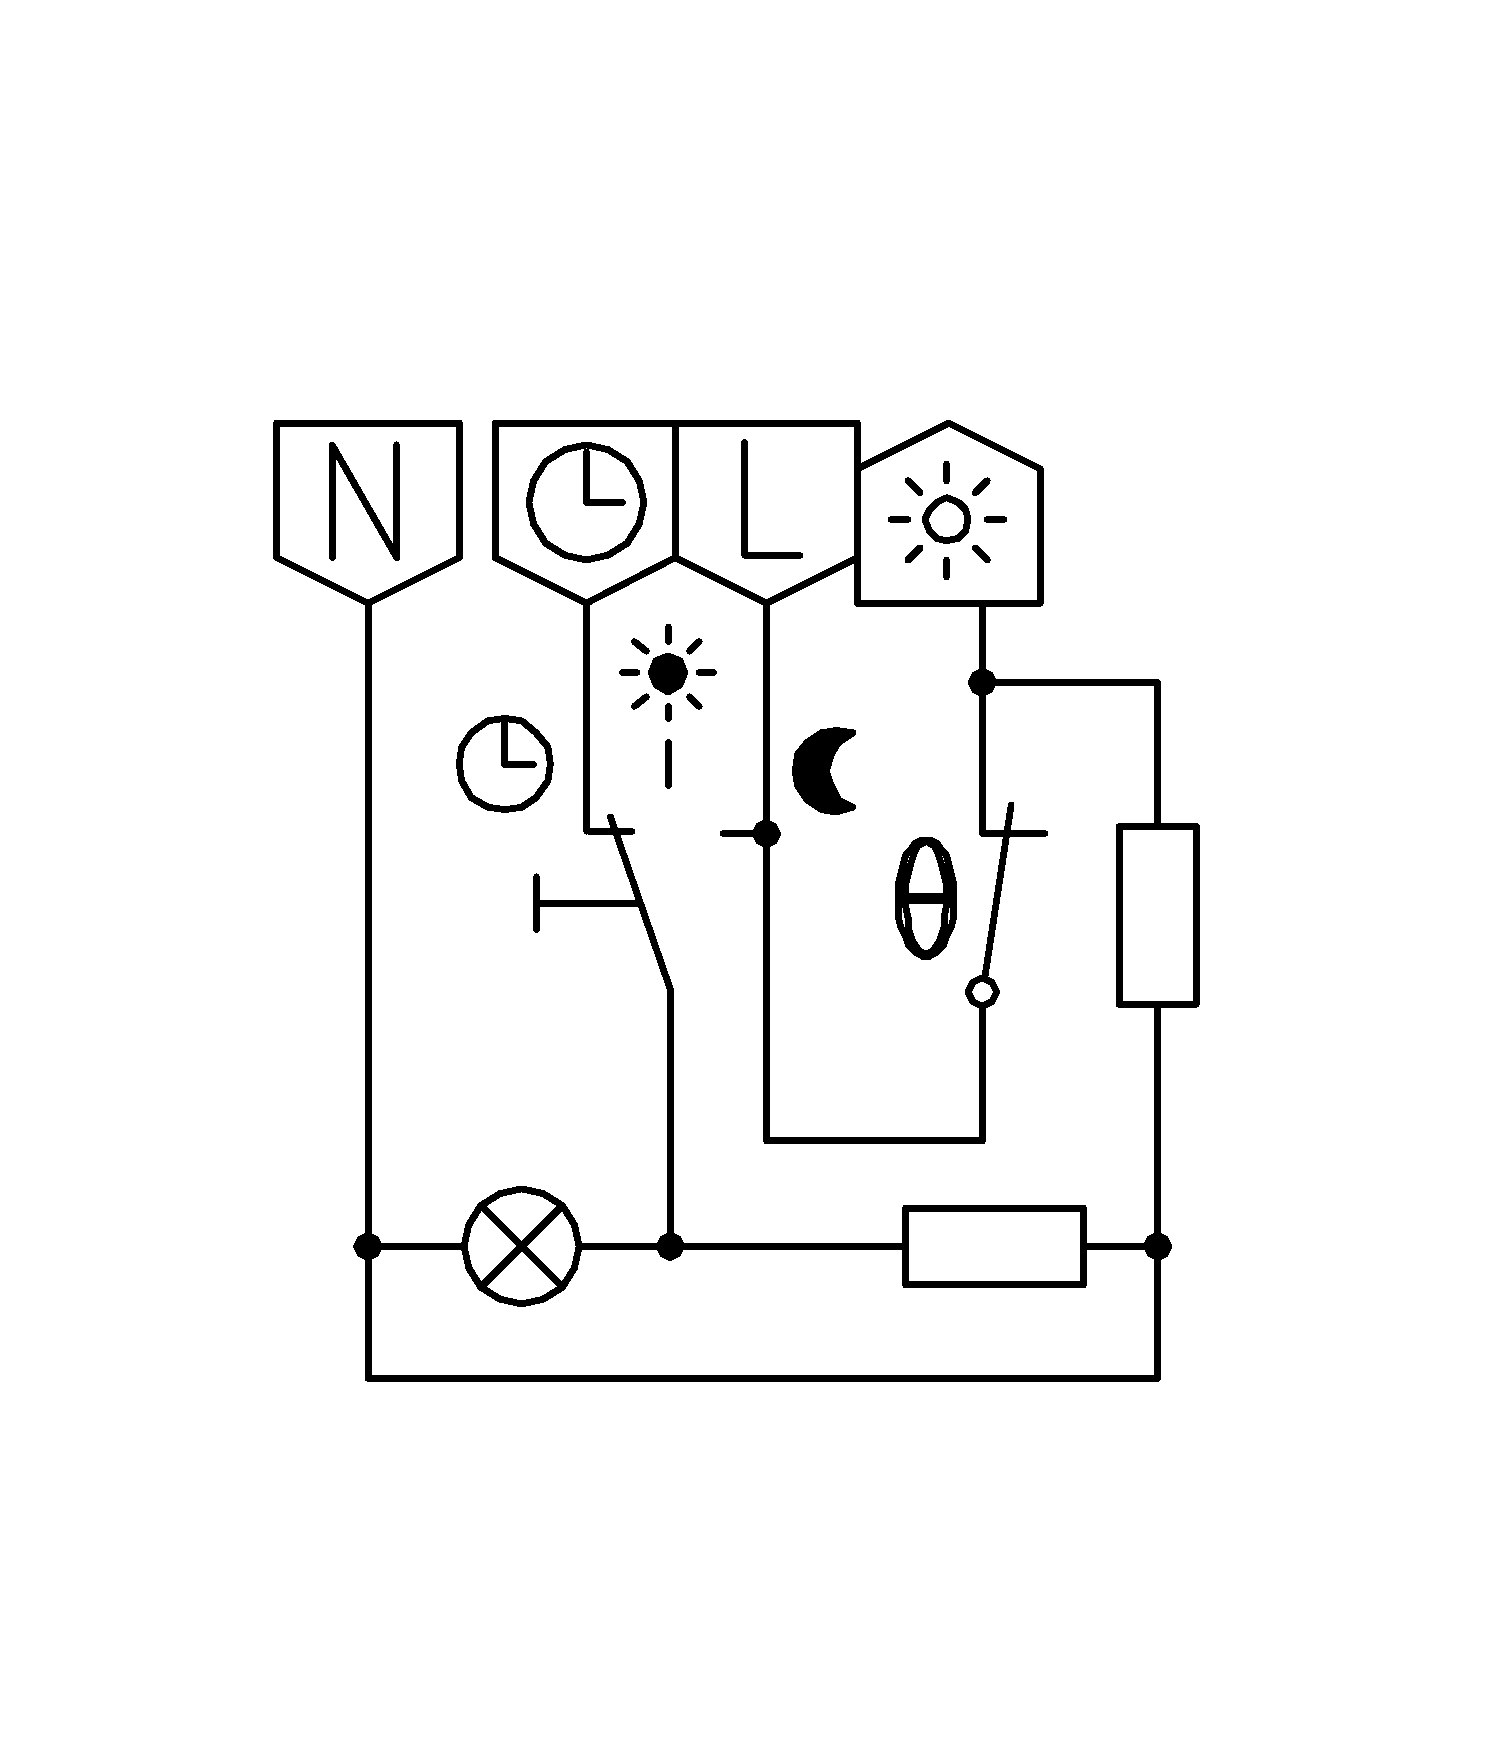 UA010415 Circuit diagram